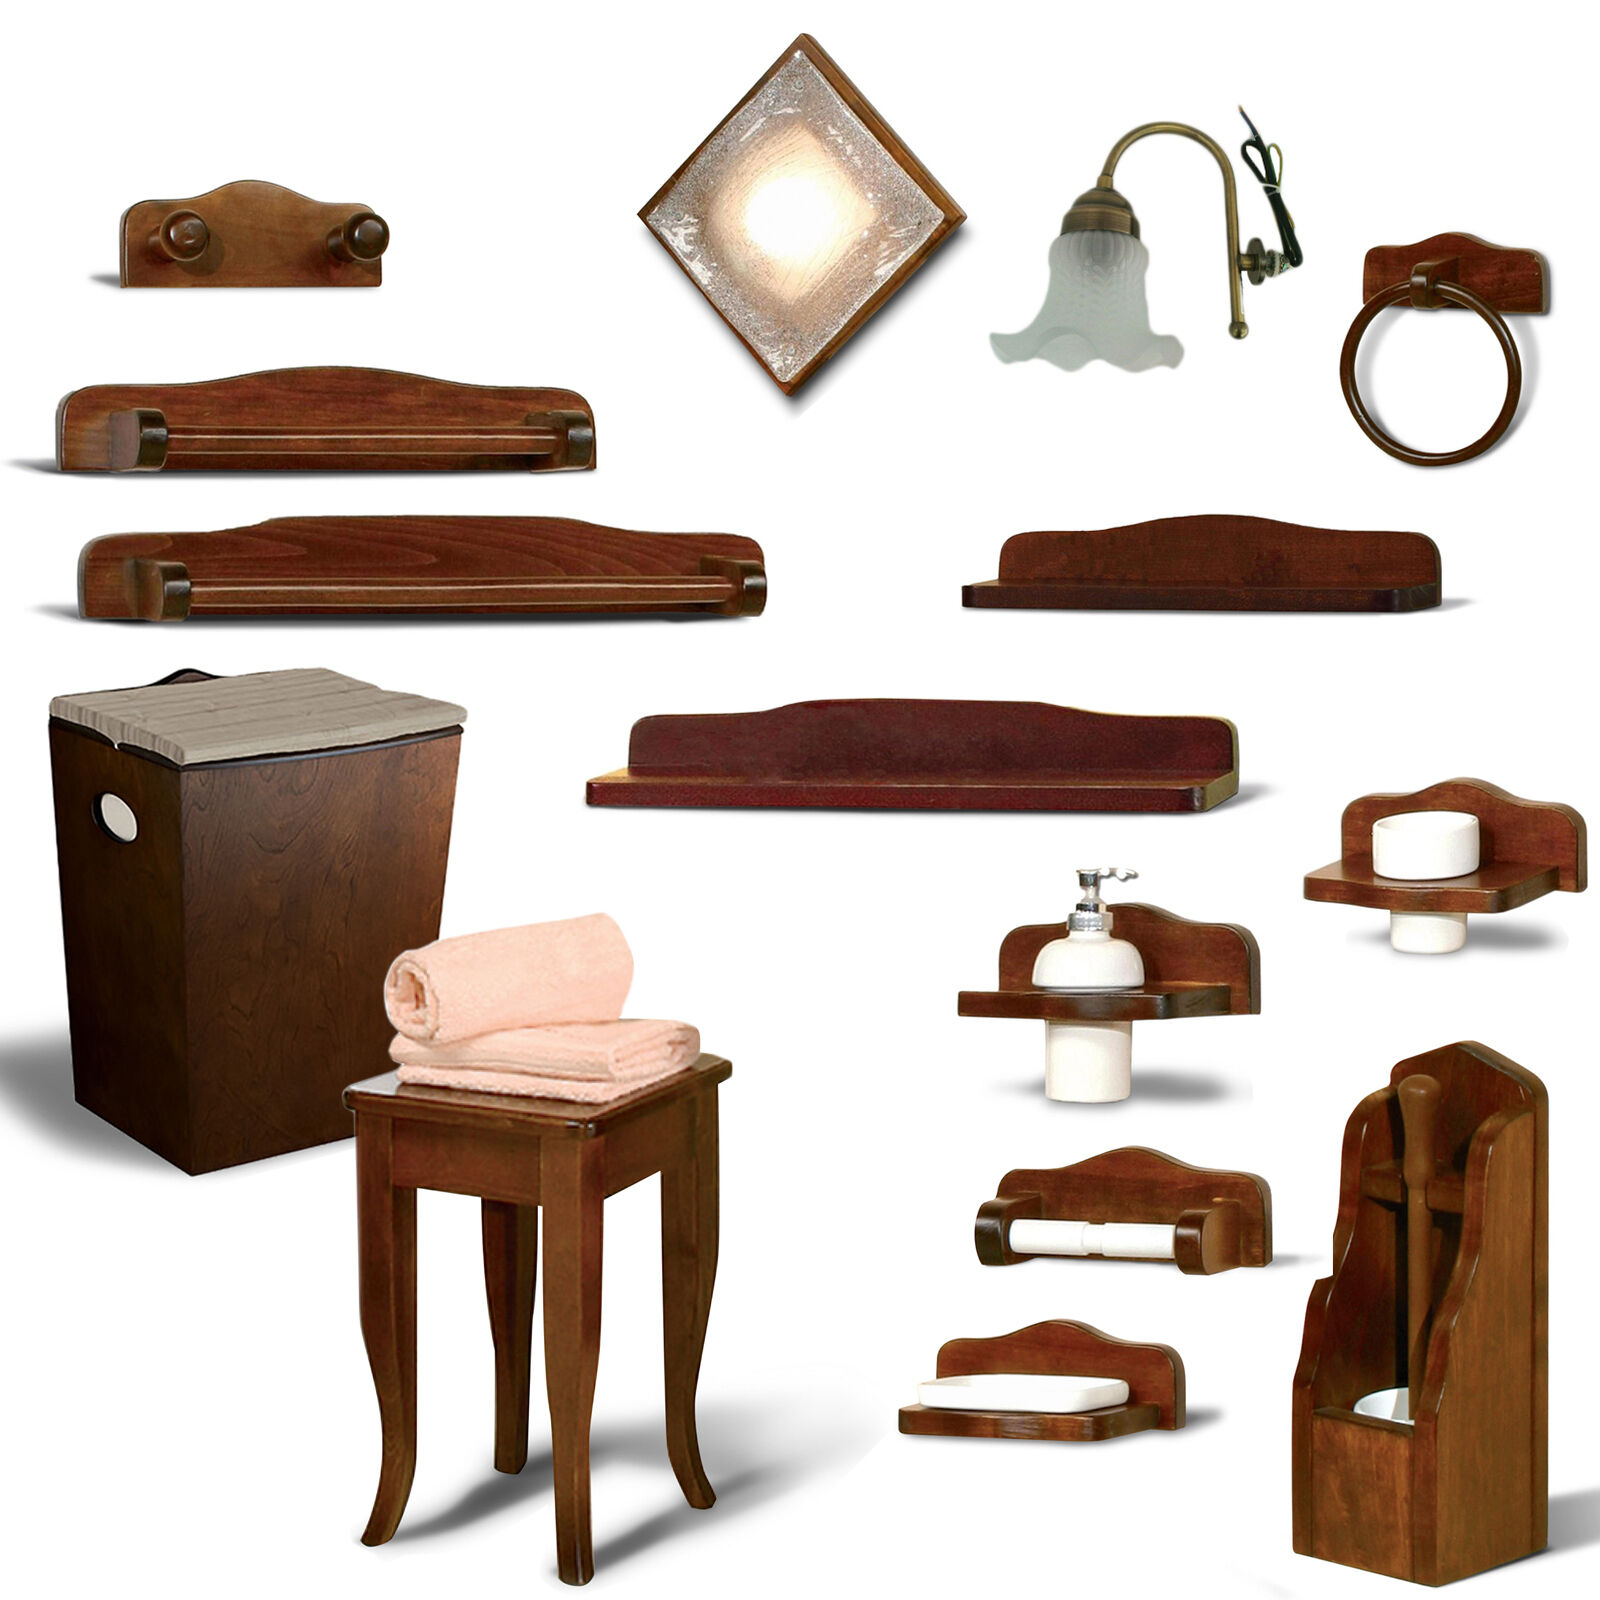 Nuovi accessori bagno arte povera country 16 articoli for Arredo bagno arte povera prezzi